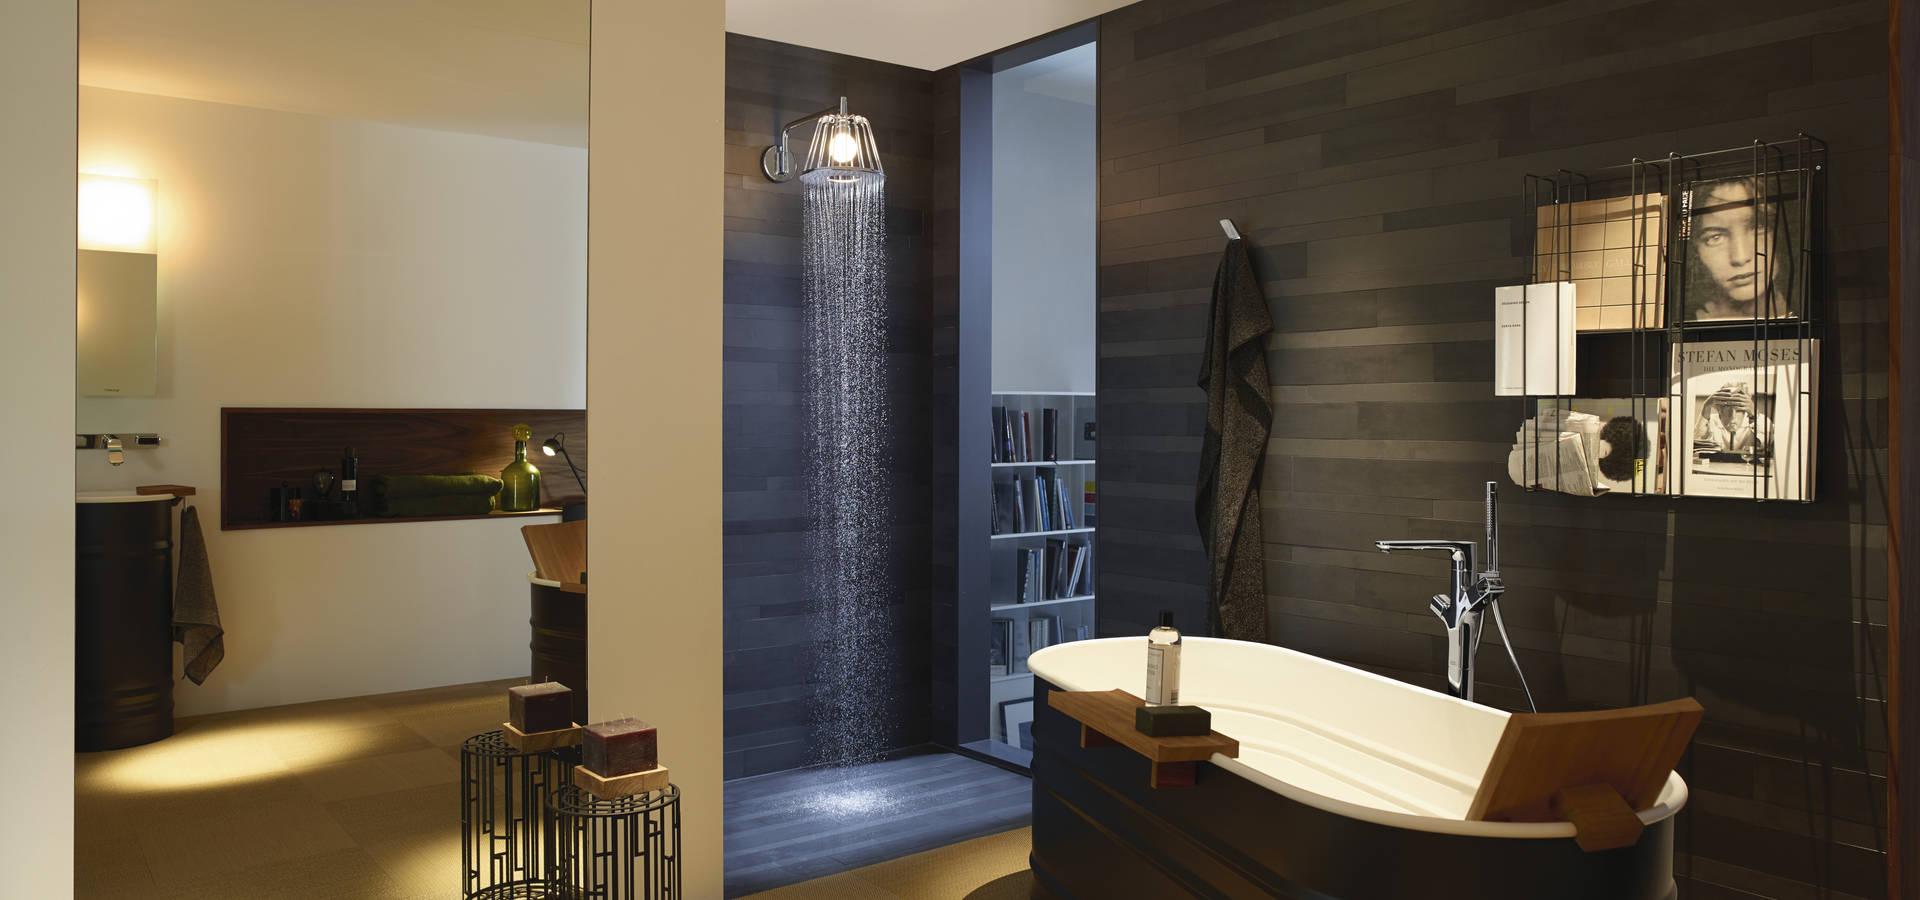 Espace Salle De Bain espace aubade - salle de bains moderneespace aubade | homify